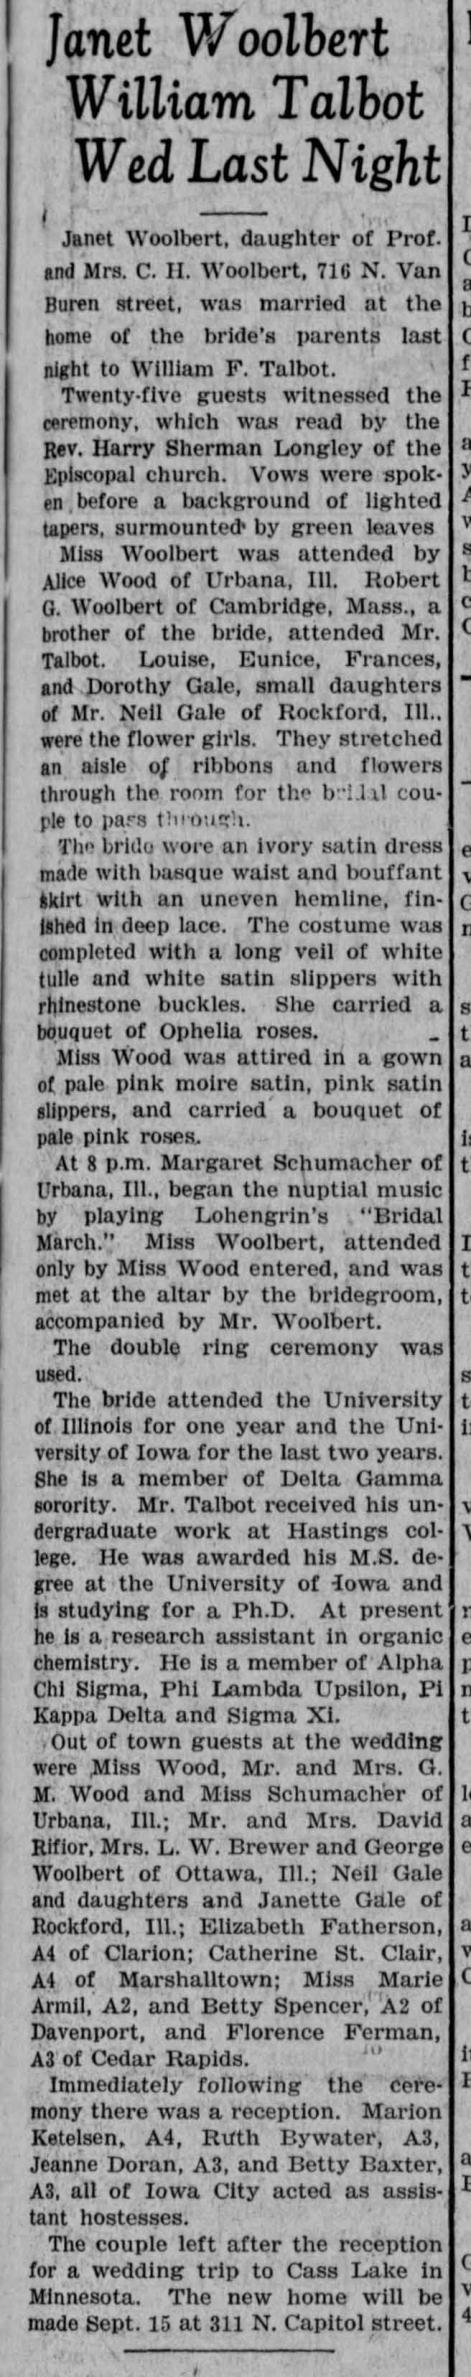 William F. Talbot Wedding